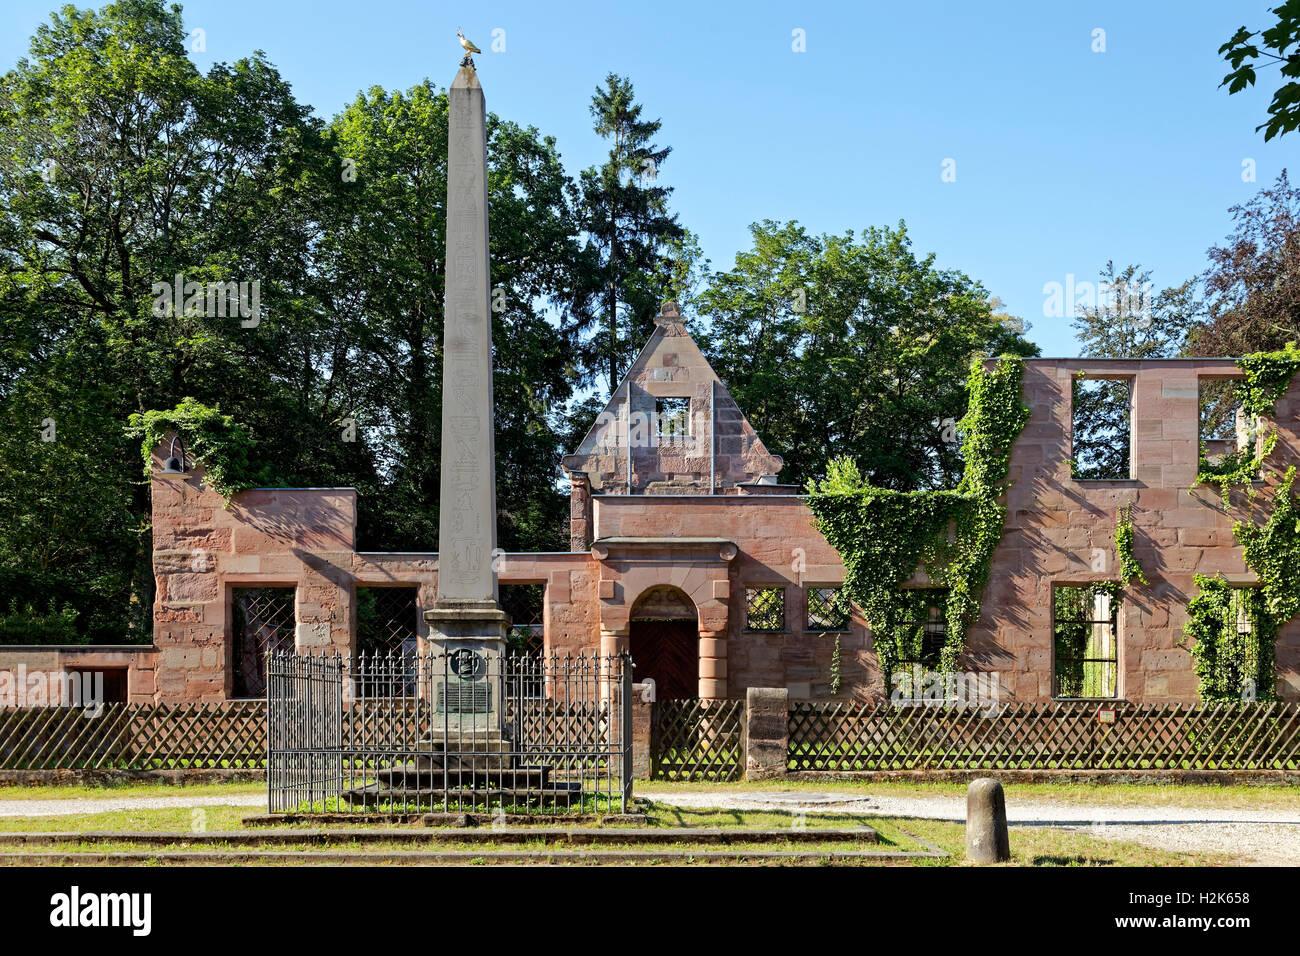 Obelisk mit Ruinen der der Hammer Familienvilla, historische Fabrik Hammer, Laufamholz, Nürnberg, Mittelfranken Stockbild